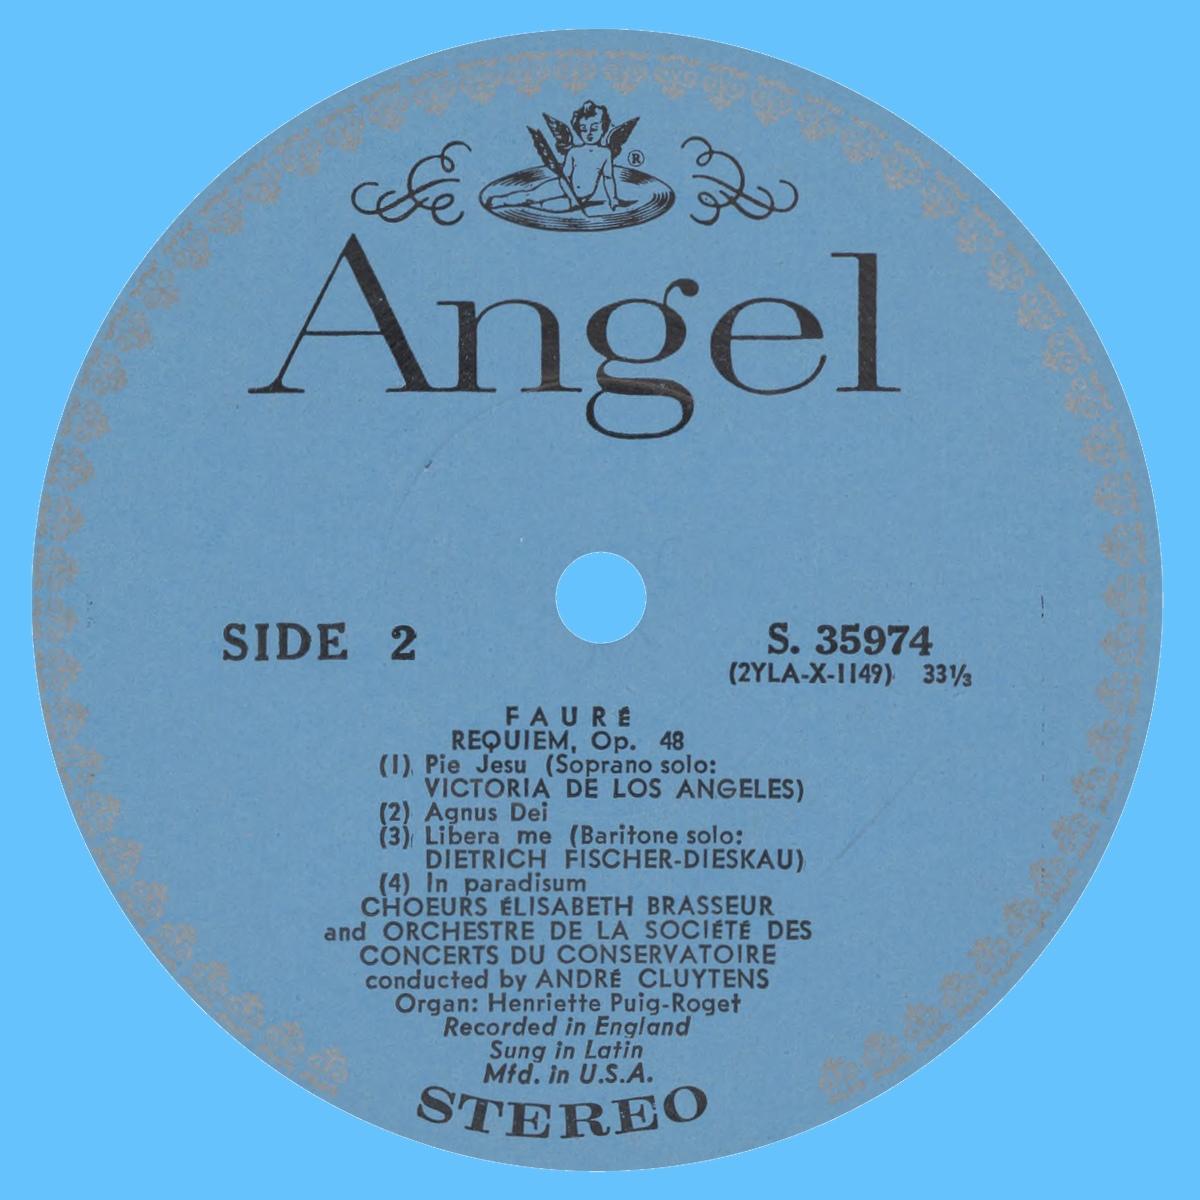 Étiquette verso du disque Angel S 35974